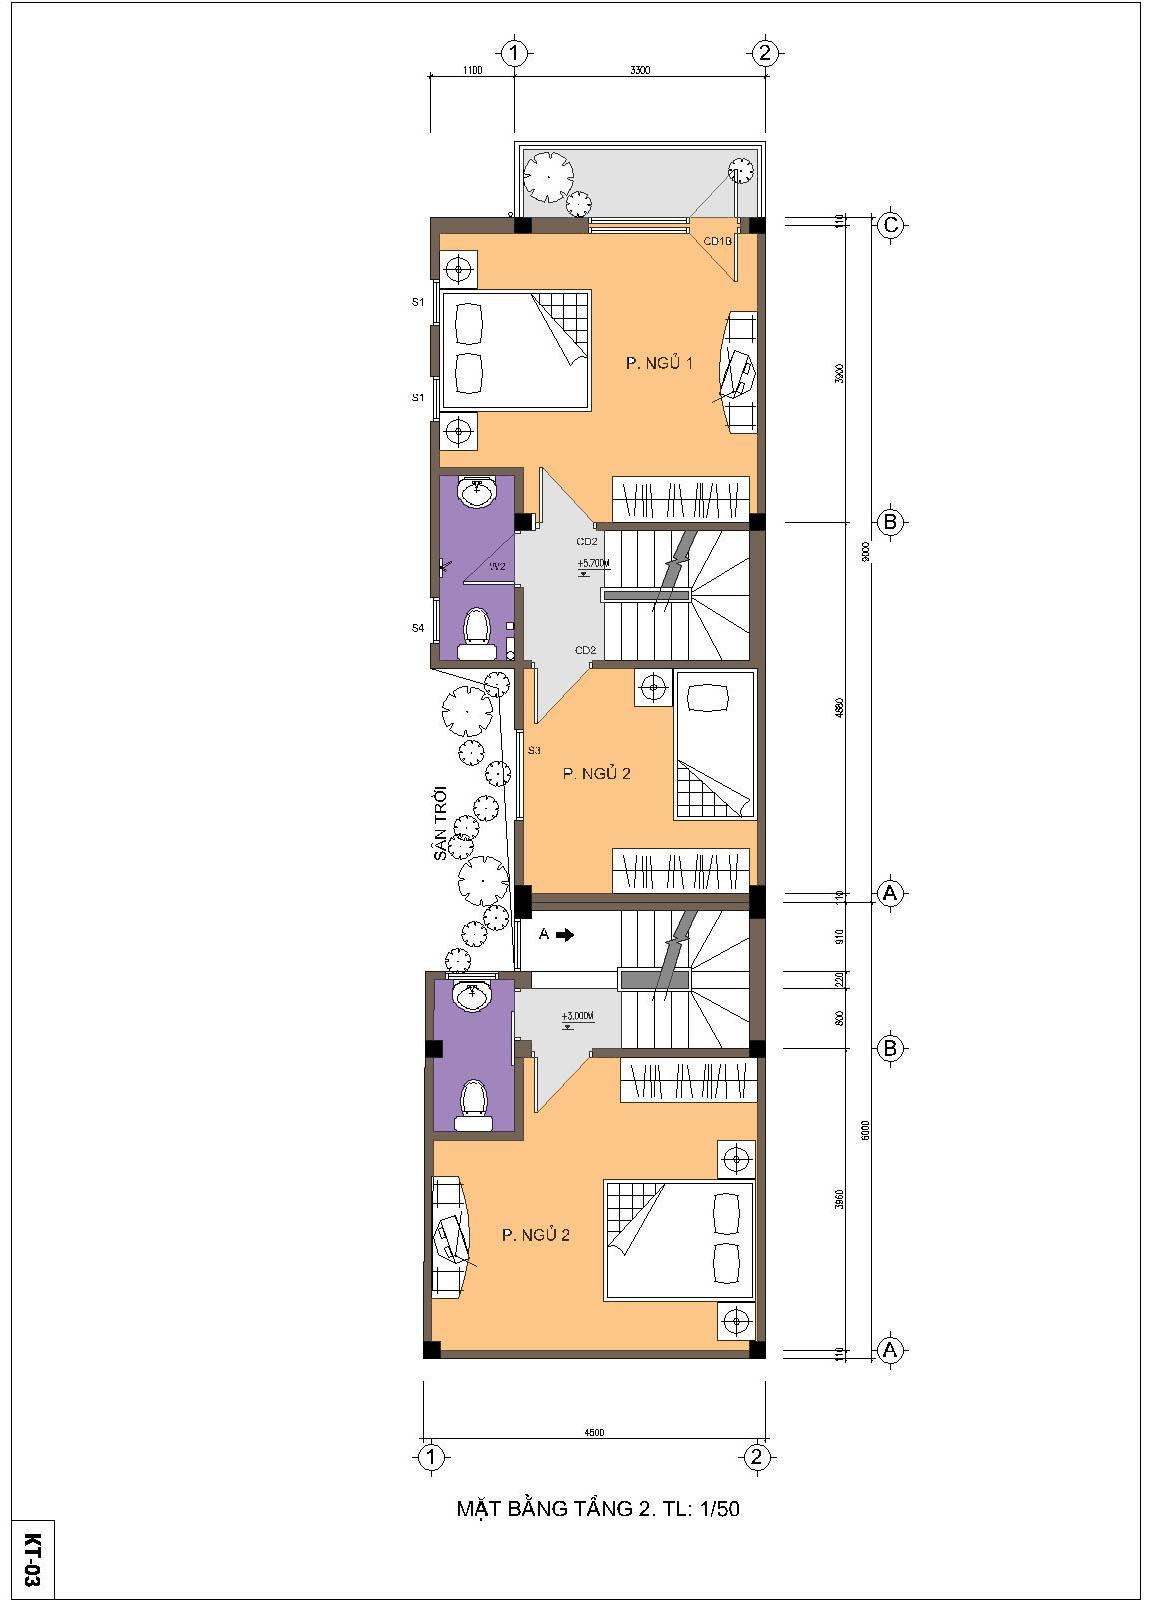 Nhà ống / nhà phố 4.5x15m - Mặt bằng tầng 2